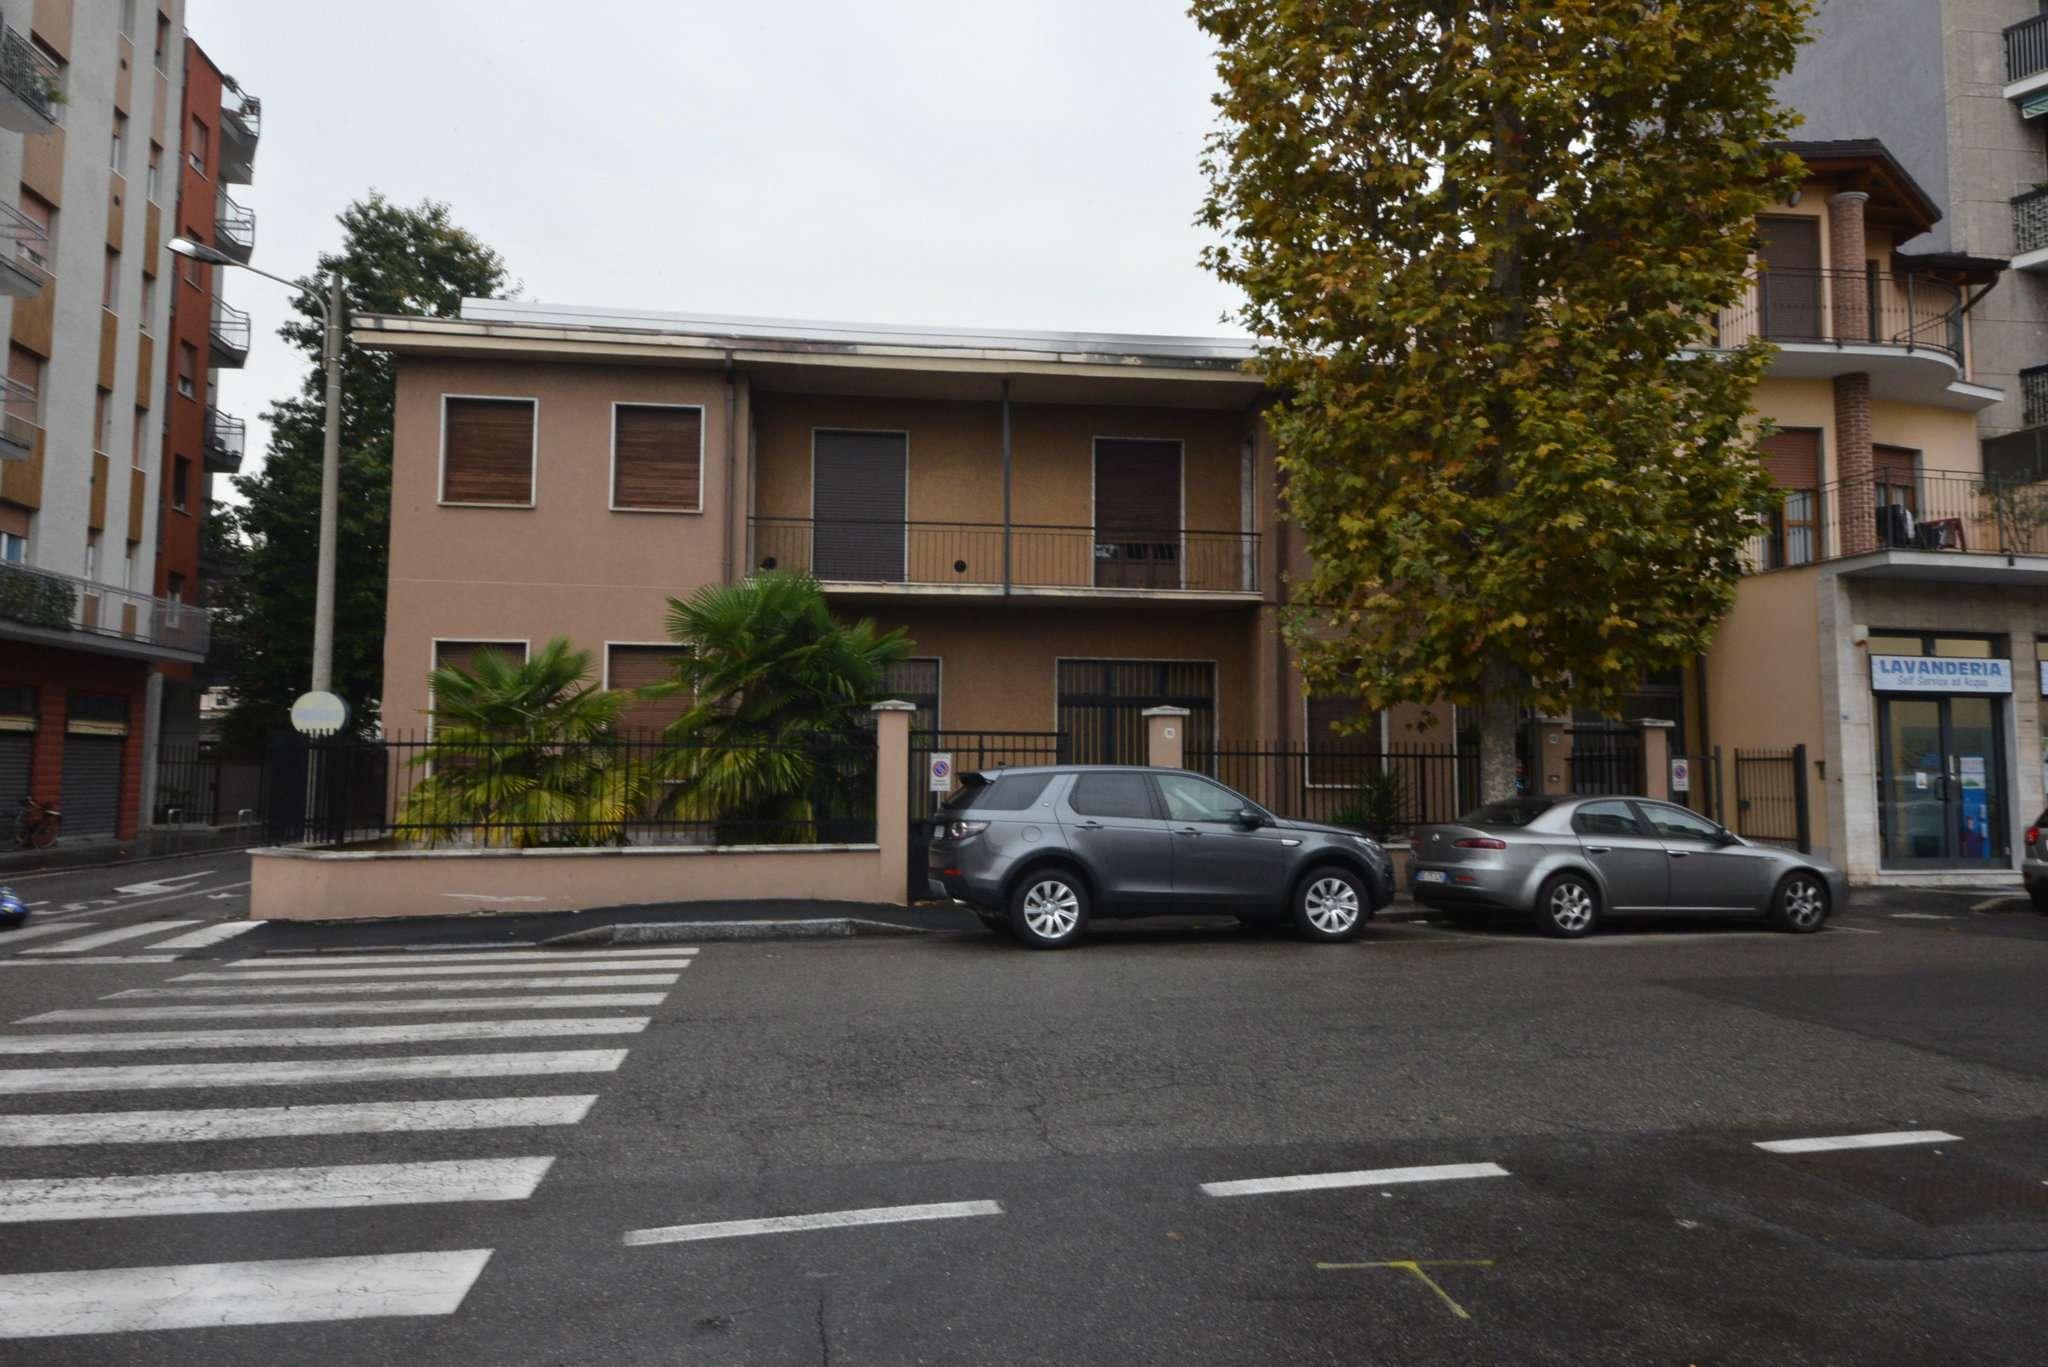 Palazzo / Stabile in vendita a Cinisello Balsamo, 9999 locali, prezzo € 680.000 | CambioCasa.it